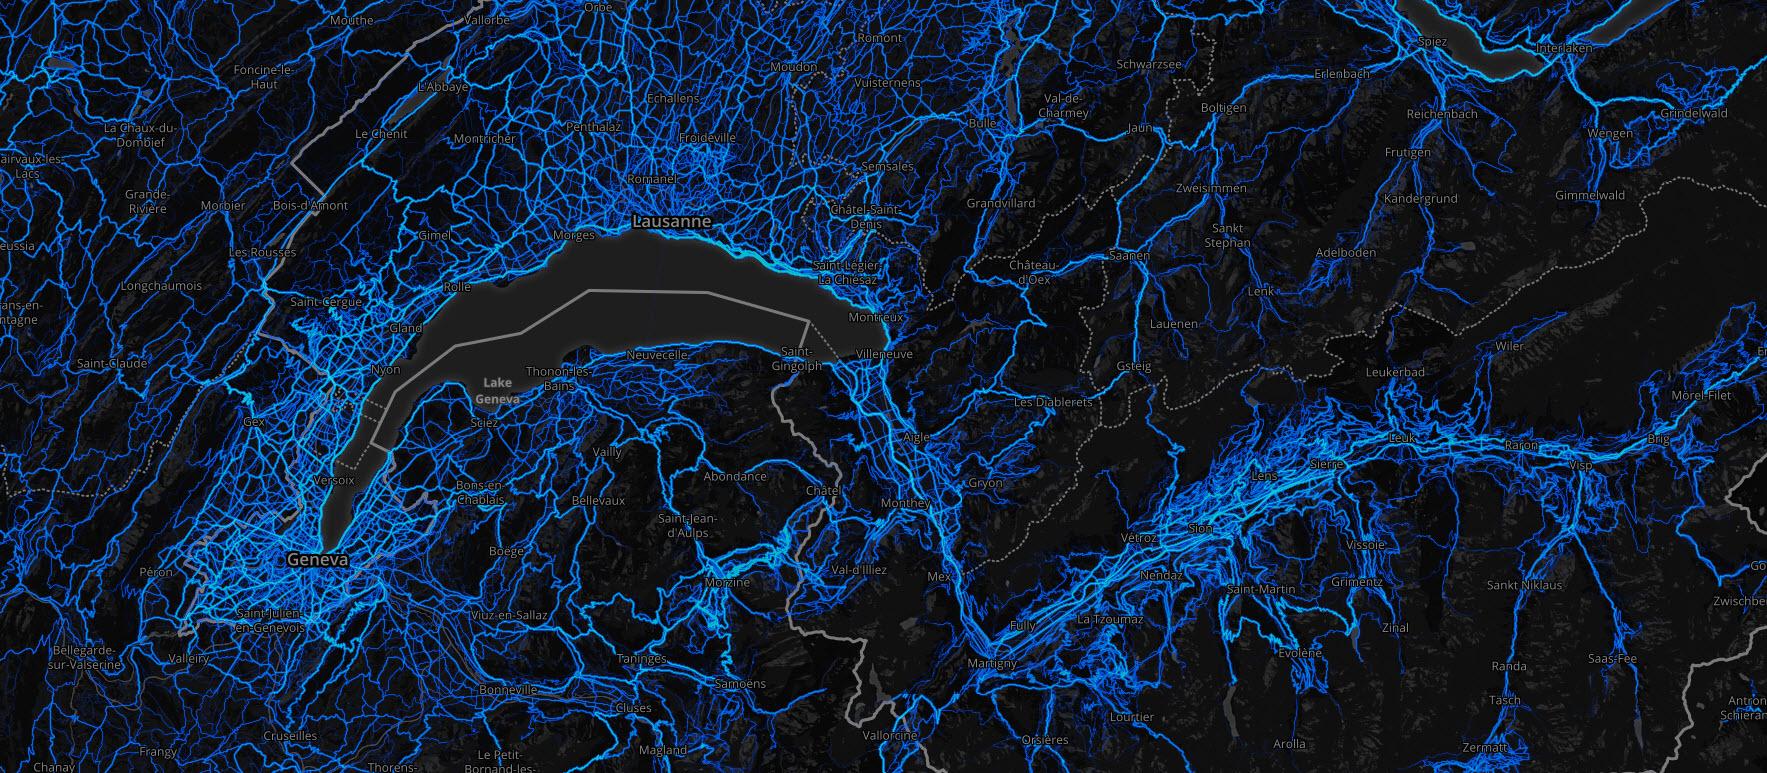 Strava_heat_map_Suisse_romande